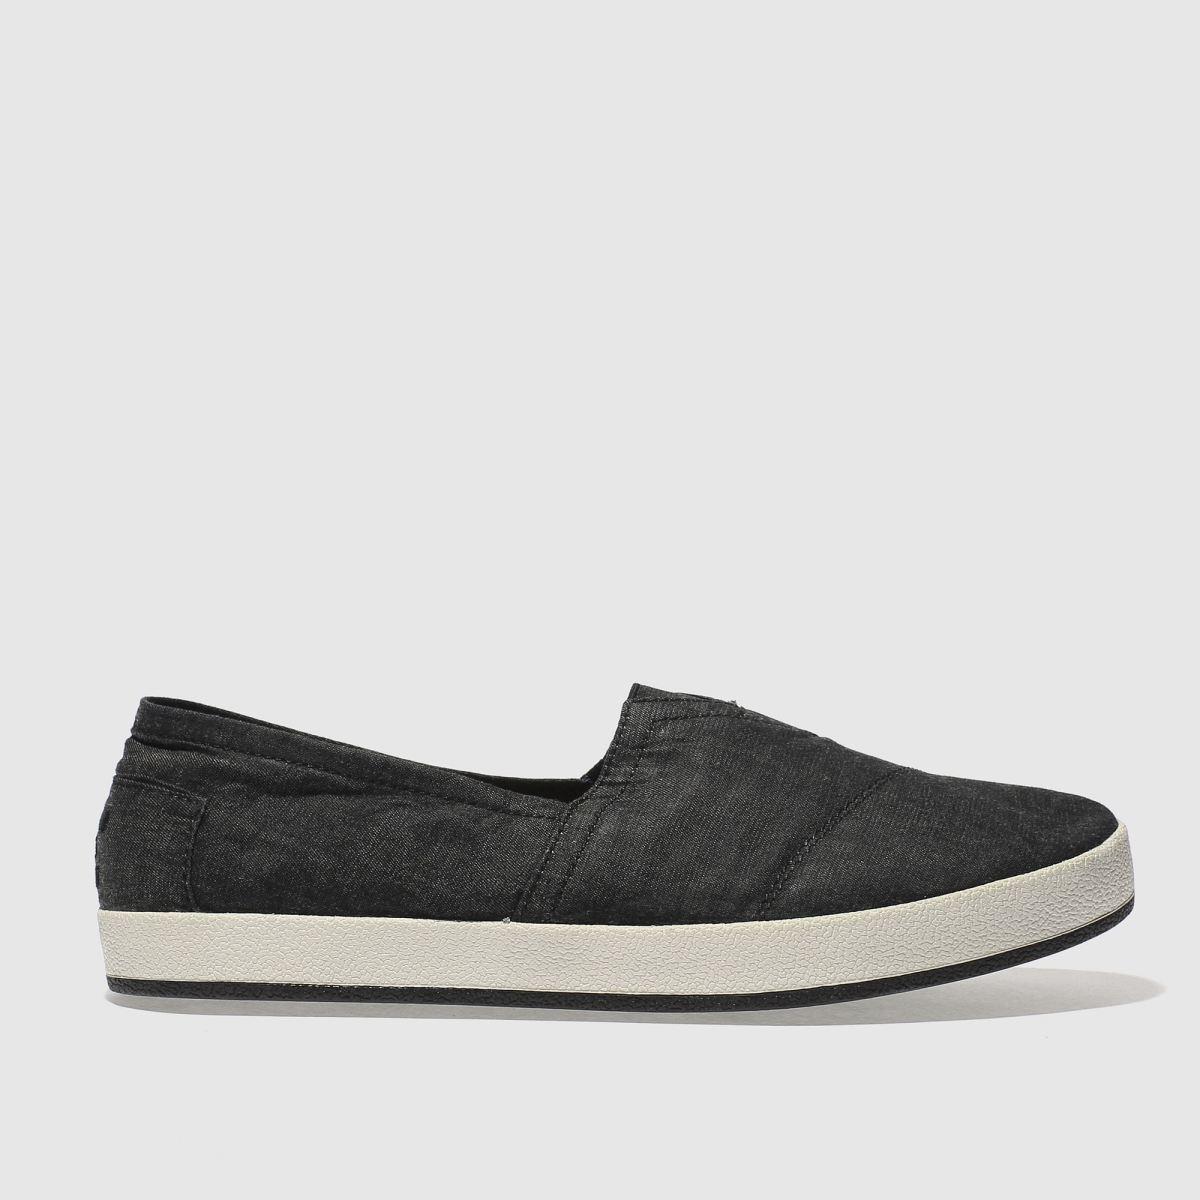 Toms Black & White Avalon Slip-on Shoes